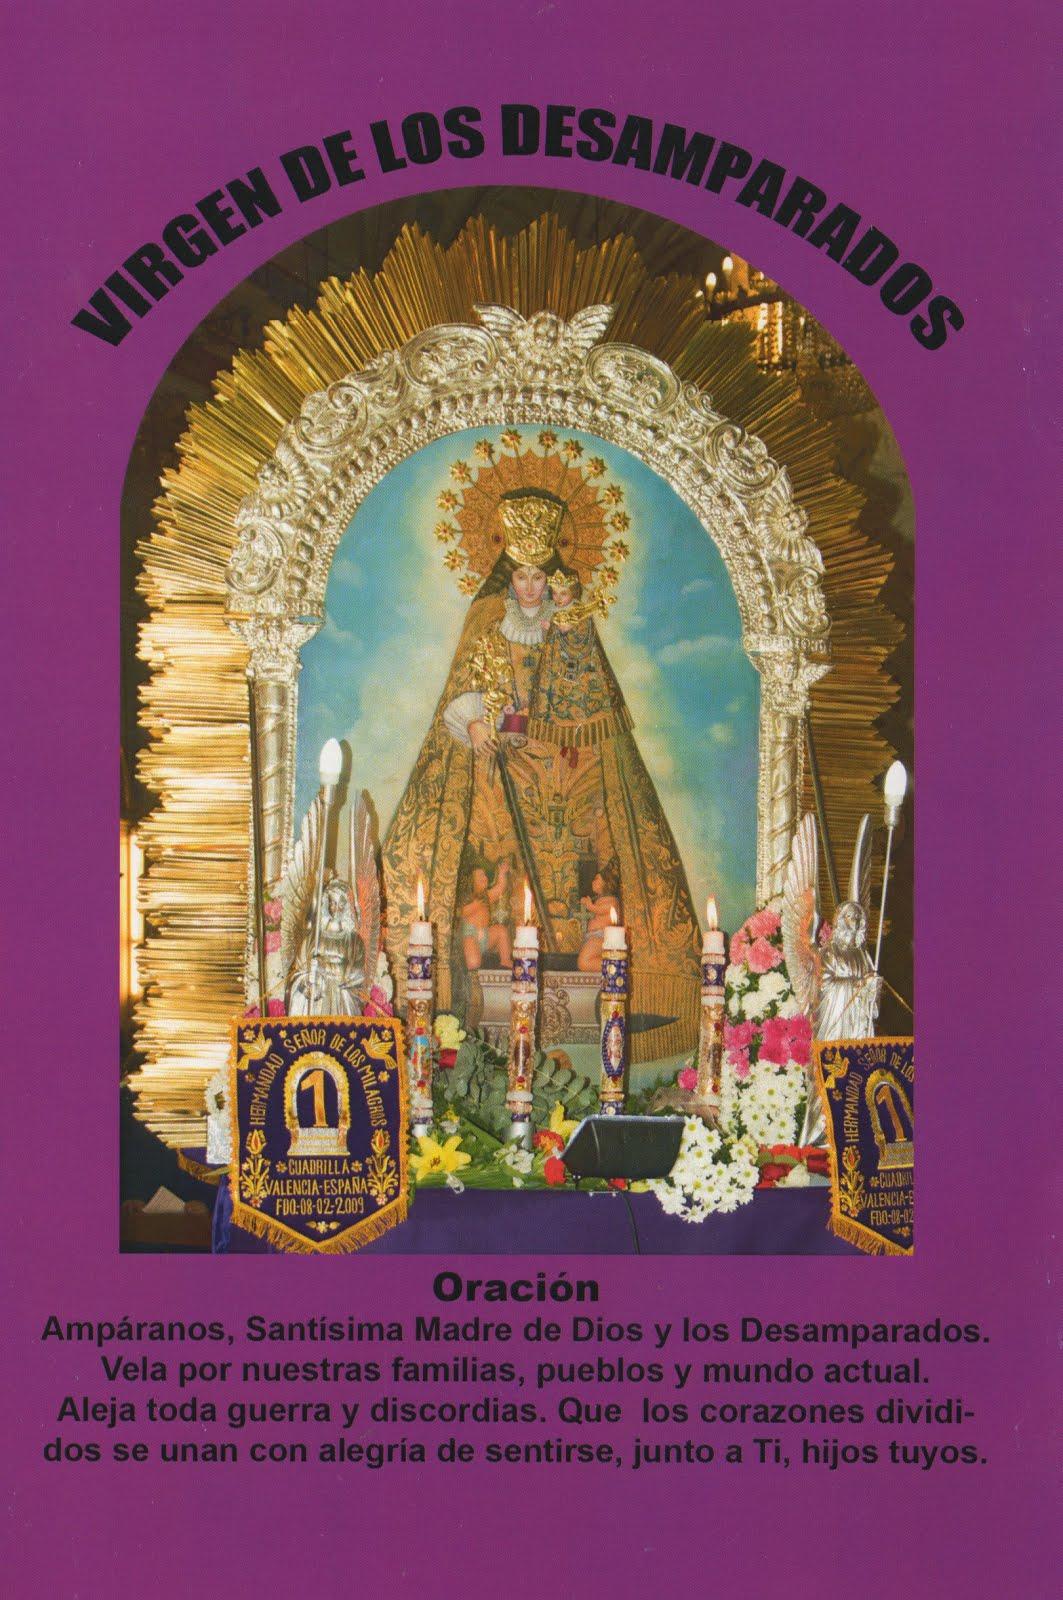 Santísima Virgen de los Desamparados